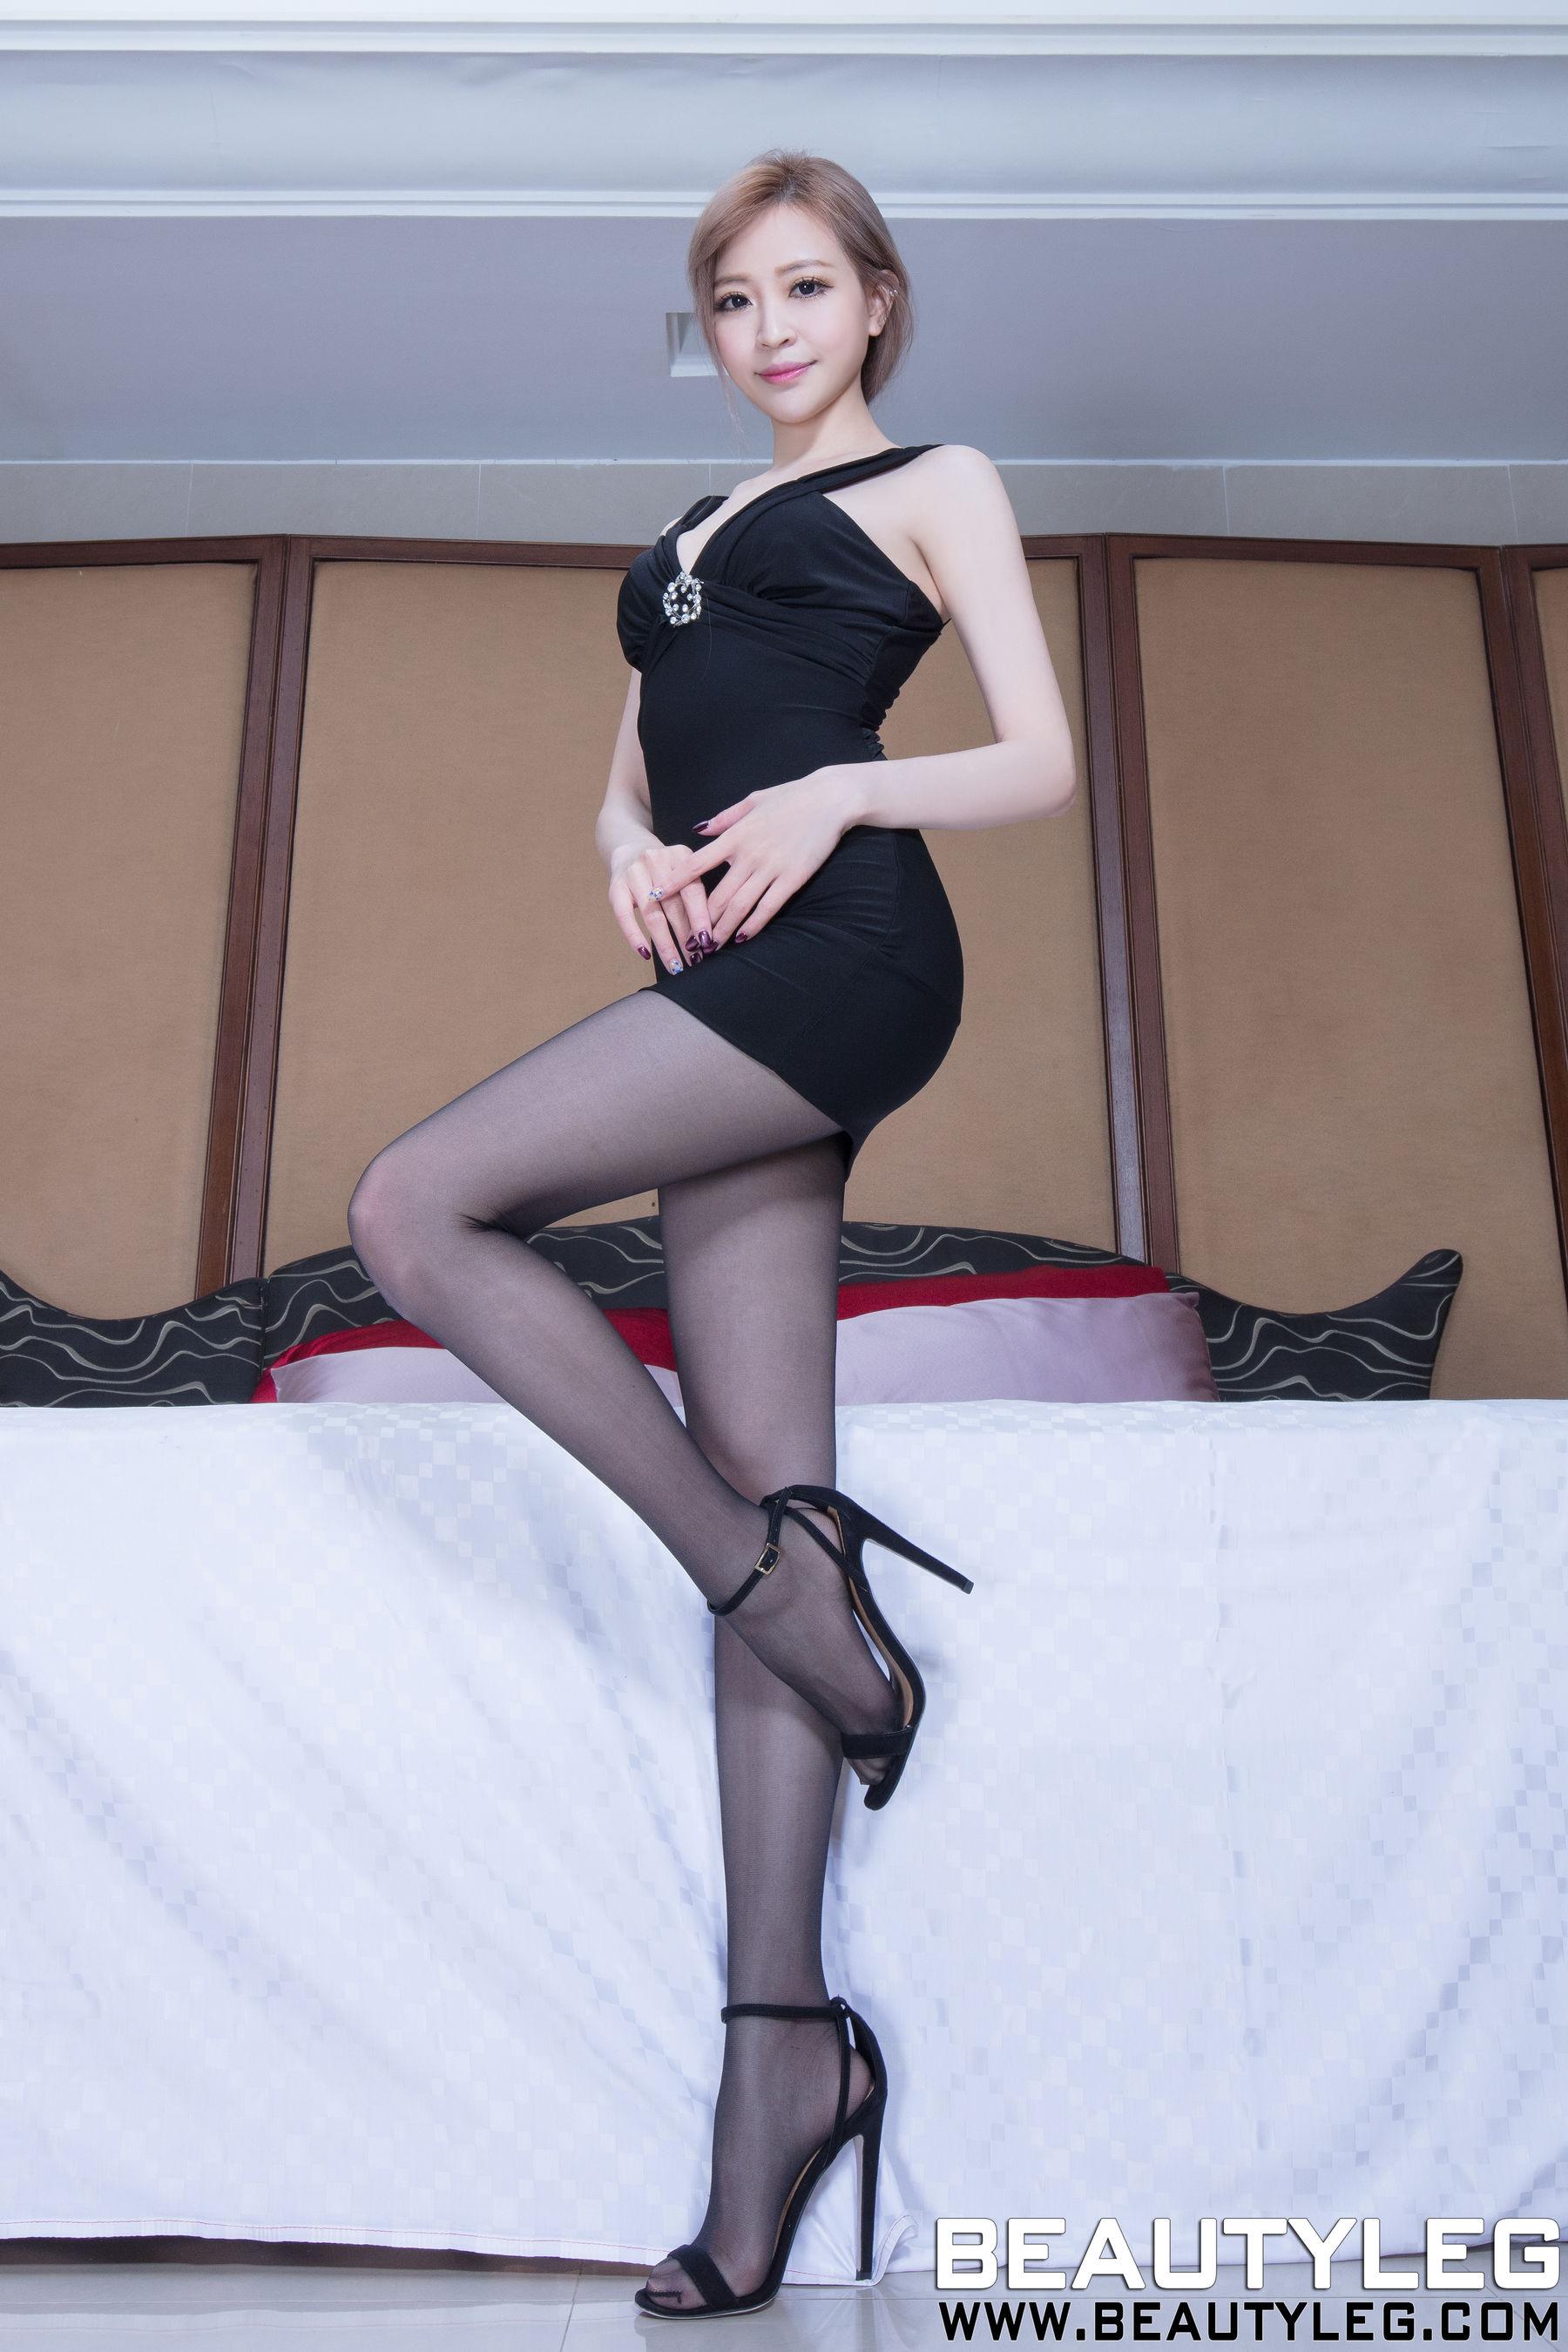 VOL.1585 [Beautyleg]丝袜美腿腿模优雅美女长腿美女黑丝制服:倪千凌(腿模Lucy,陈佳筠)高品质写真套图(38P)